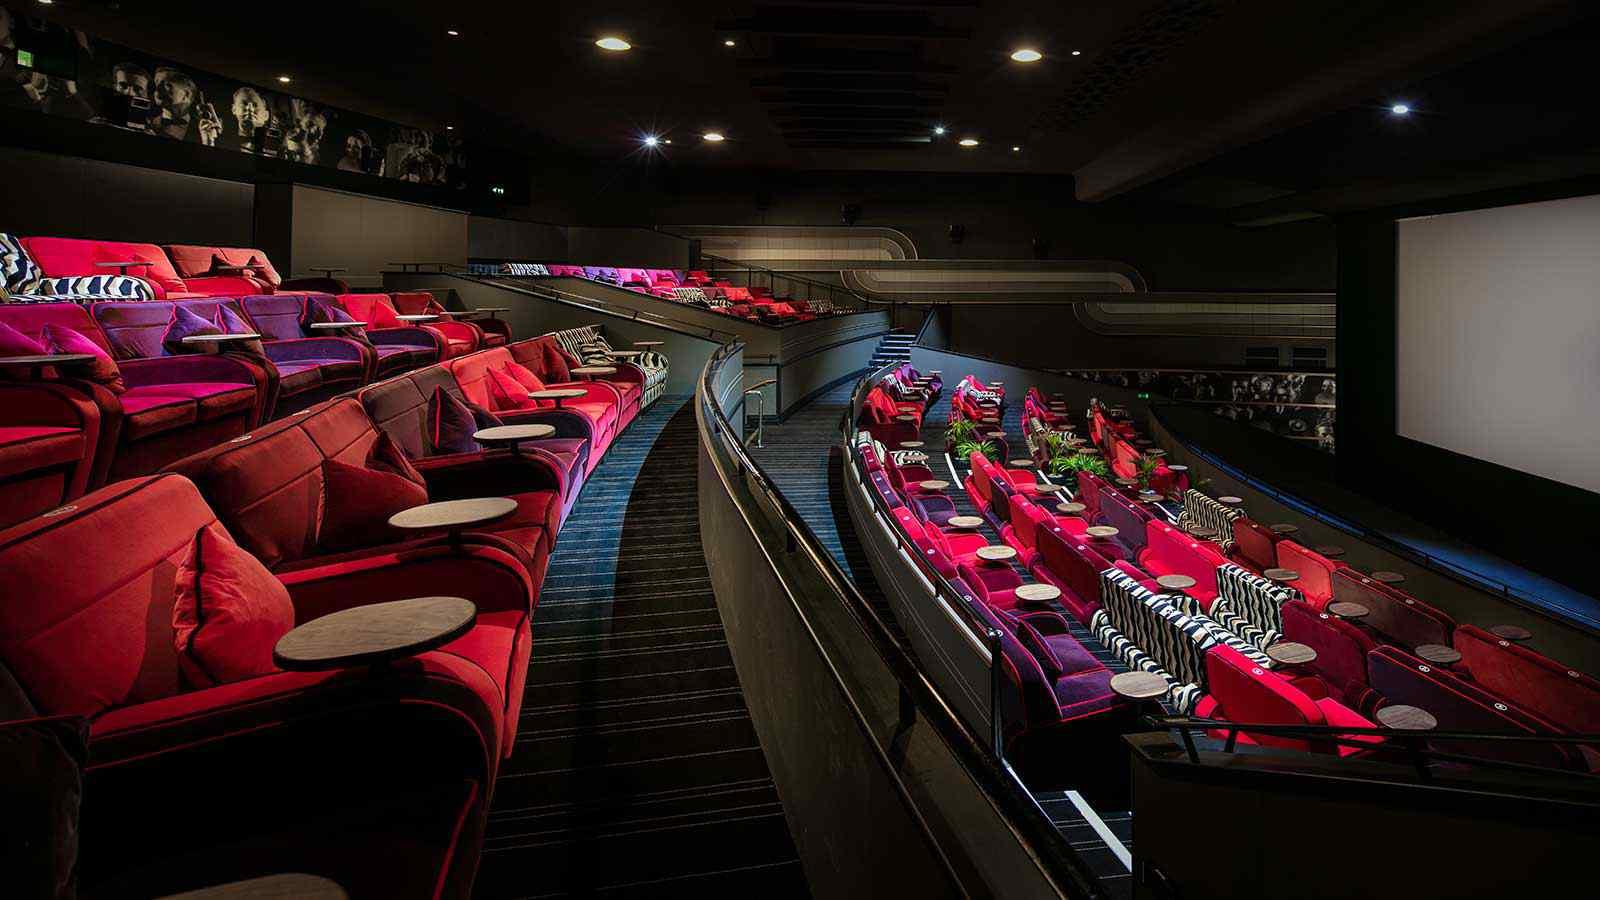 Everyman cinema in York